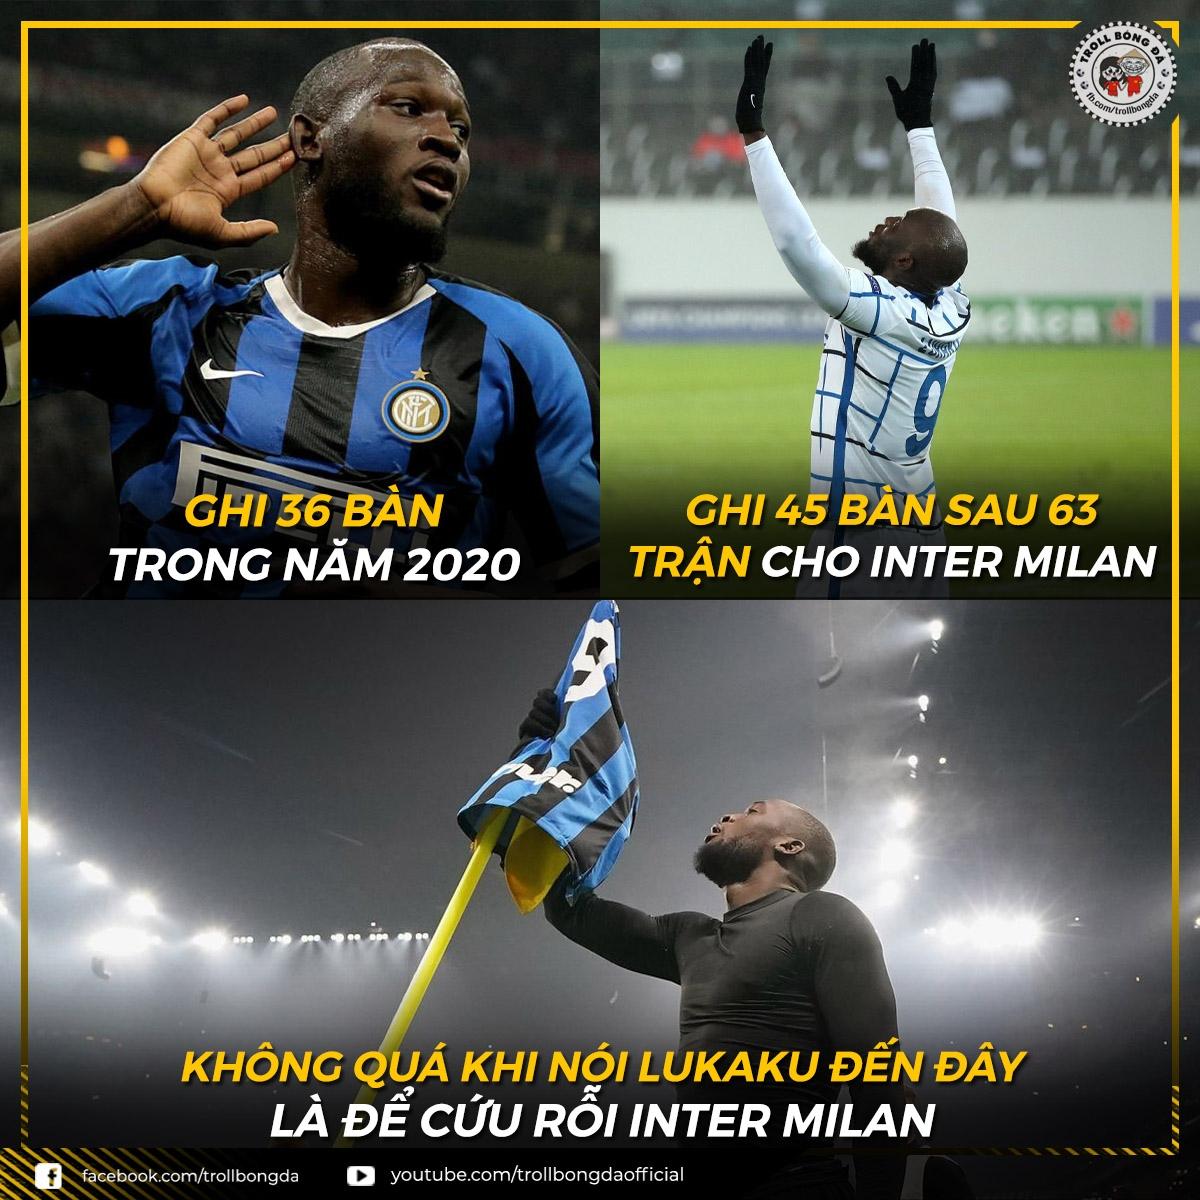 Romelu Lukaku ghi bàn như máy ở Inter Milan. (Ảnh: Troll Bóng Đá)